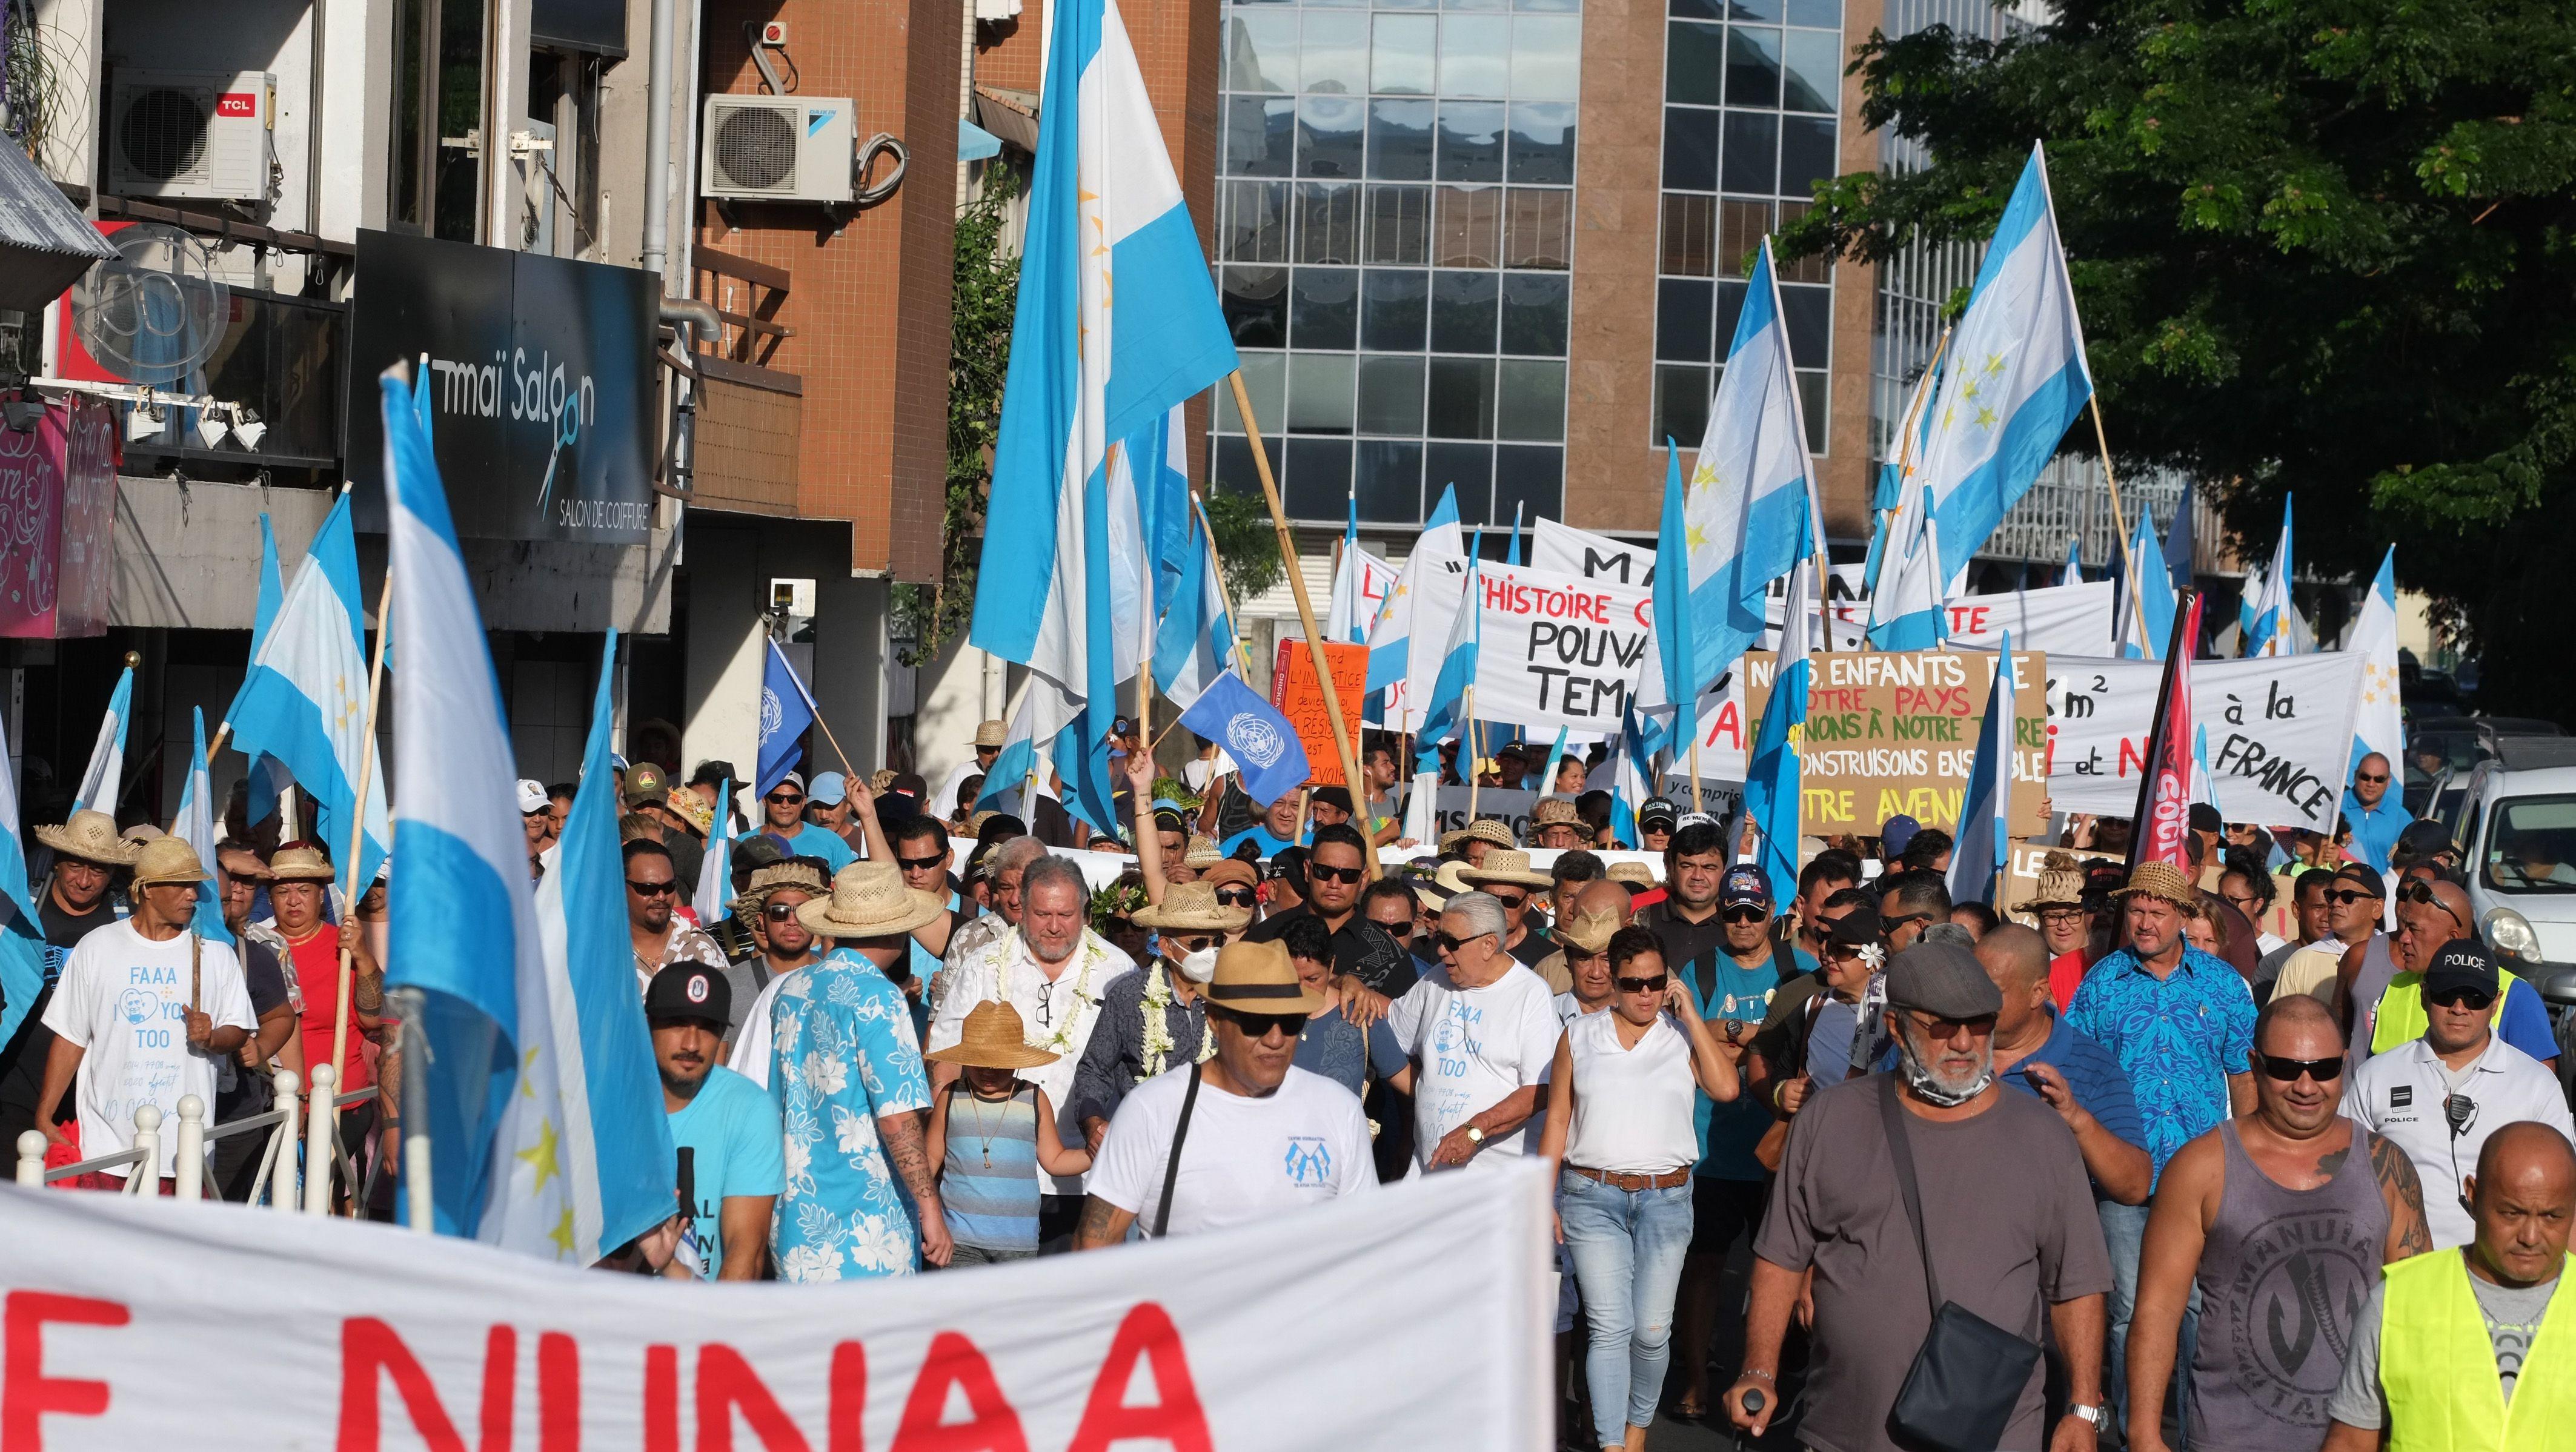 La lutte contre les injustices rassemble un millier de marcheurs